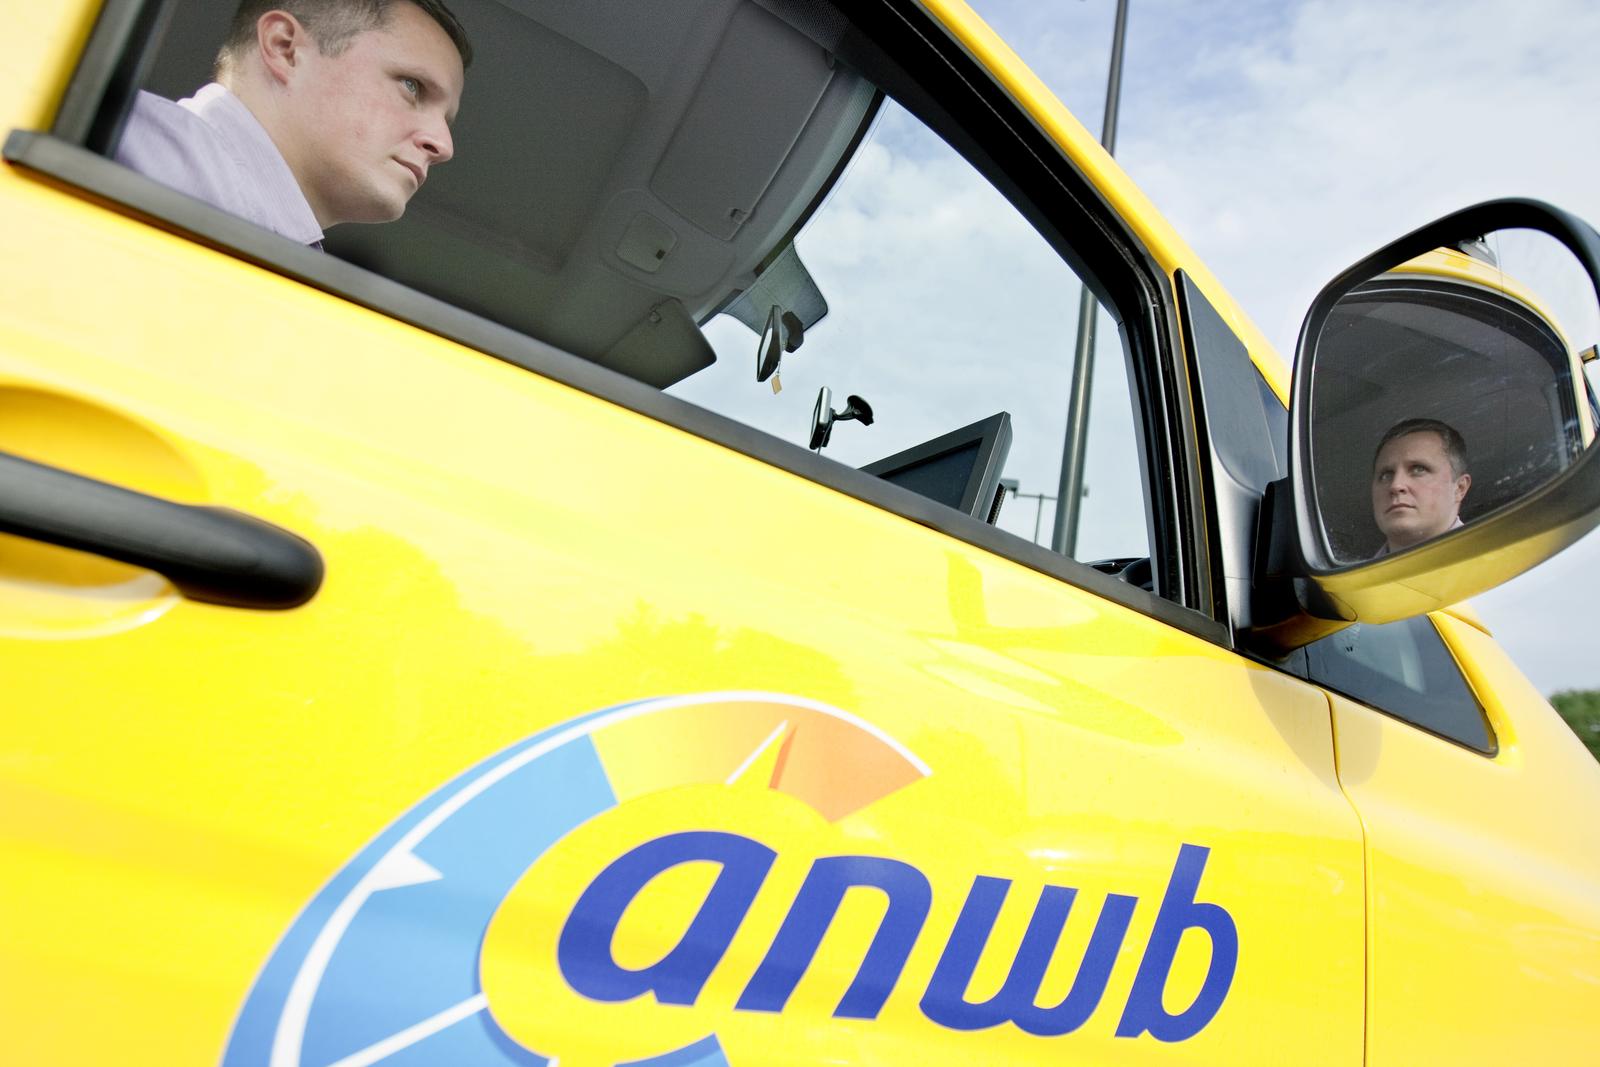 Reactie ANWB op accuverkoop: 'We willen de markt veranderen'